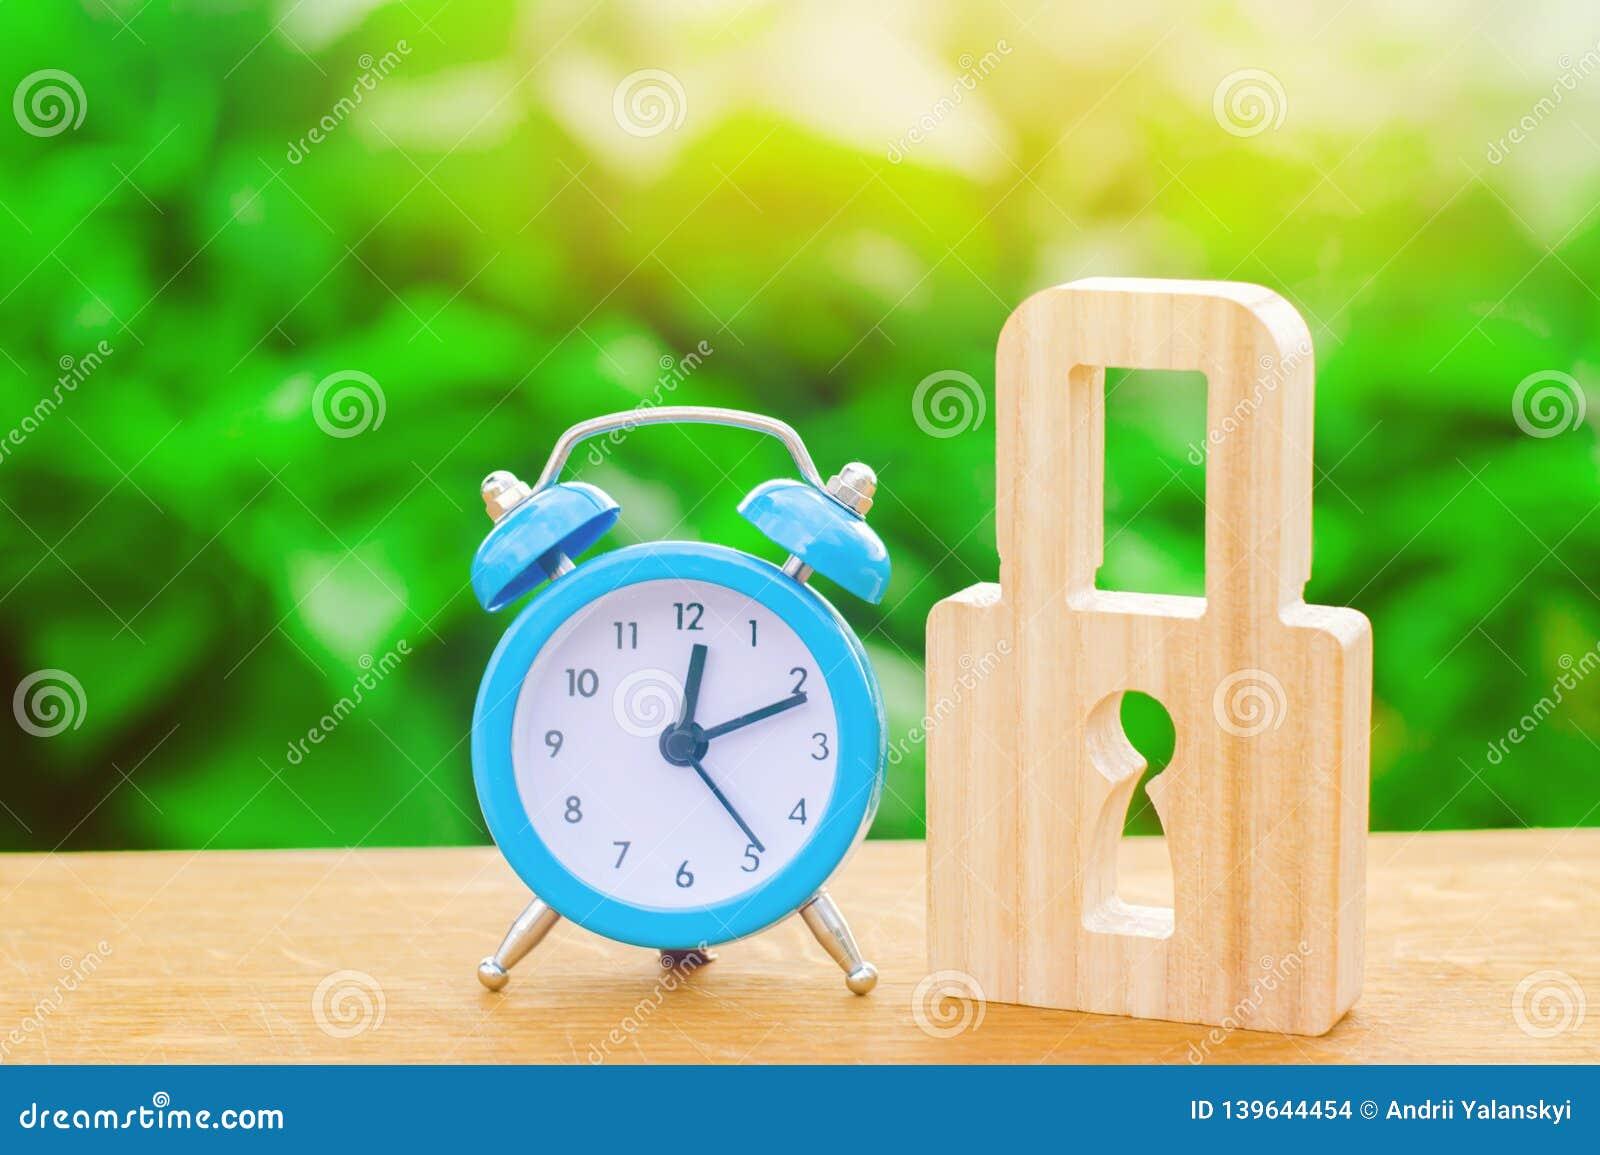 蓝色闹钟和挂锁 非耐久性的保护经过时间检验的保护和稳定 挽救时间 概念的临时